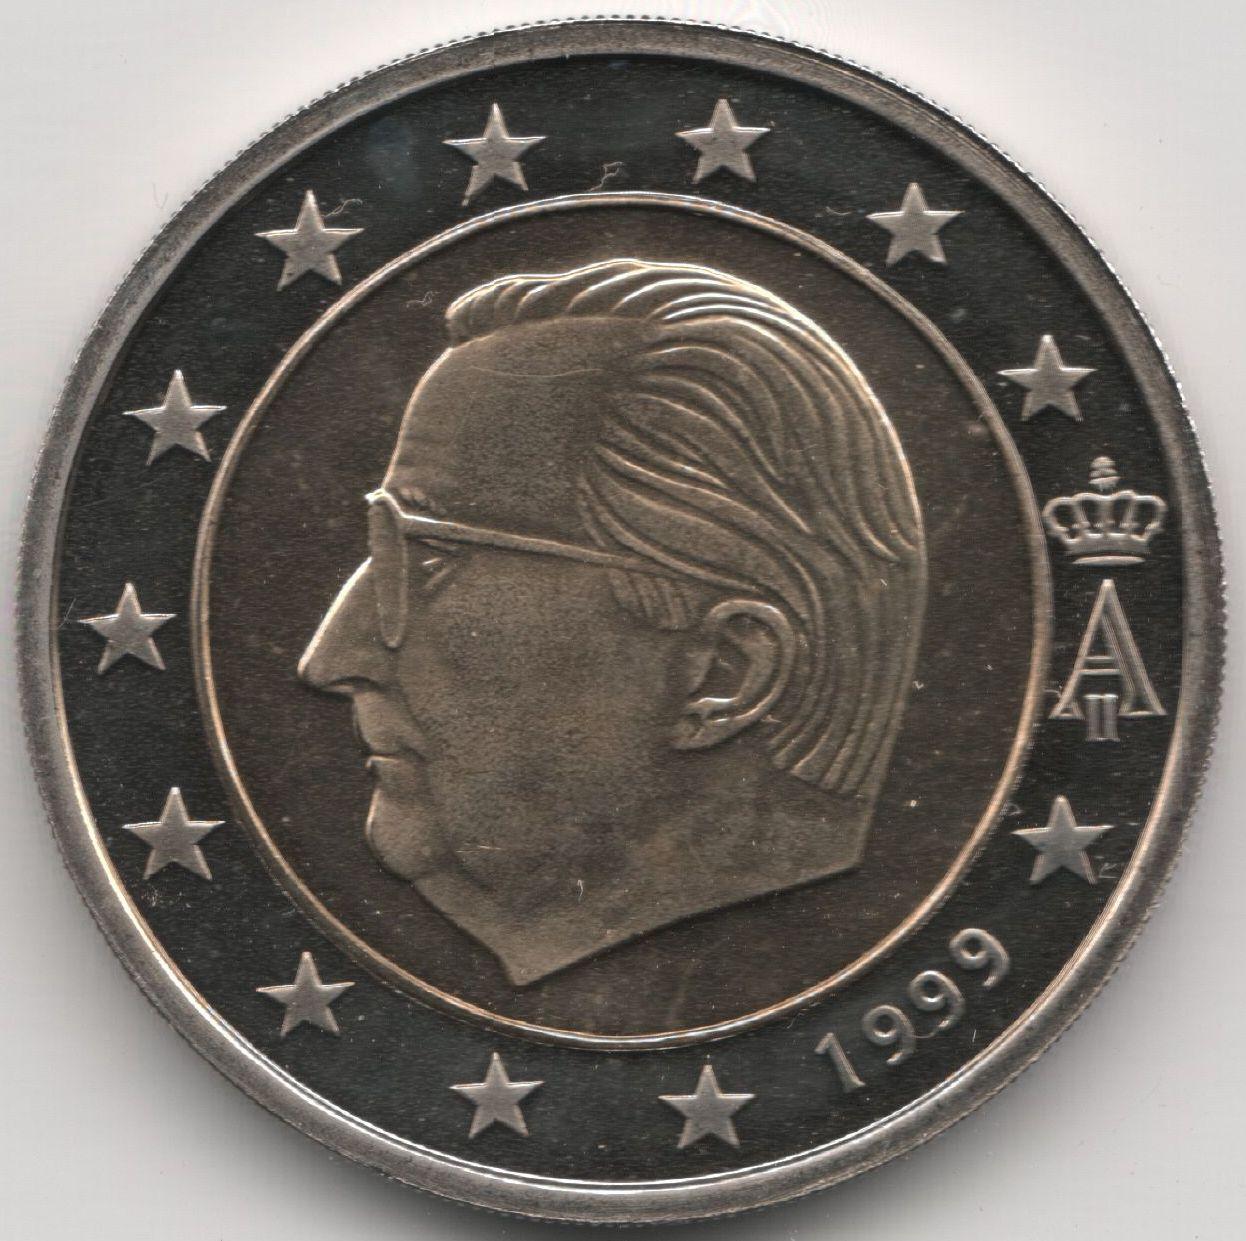 Afbeeldingen Euromunten 2 Euro